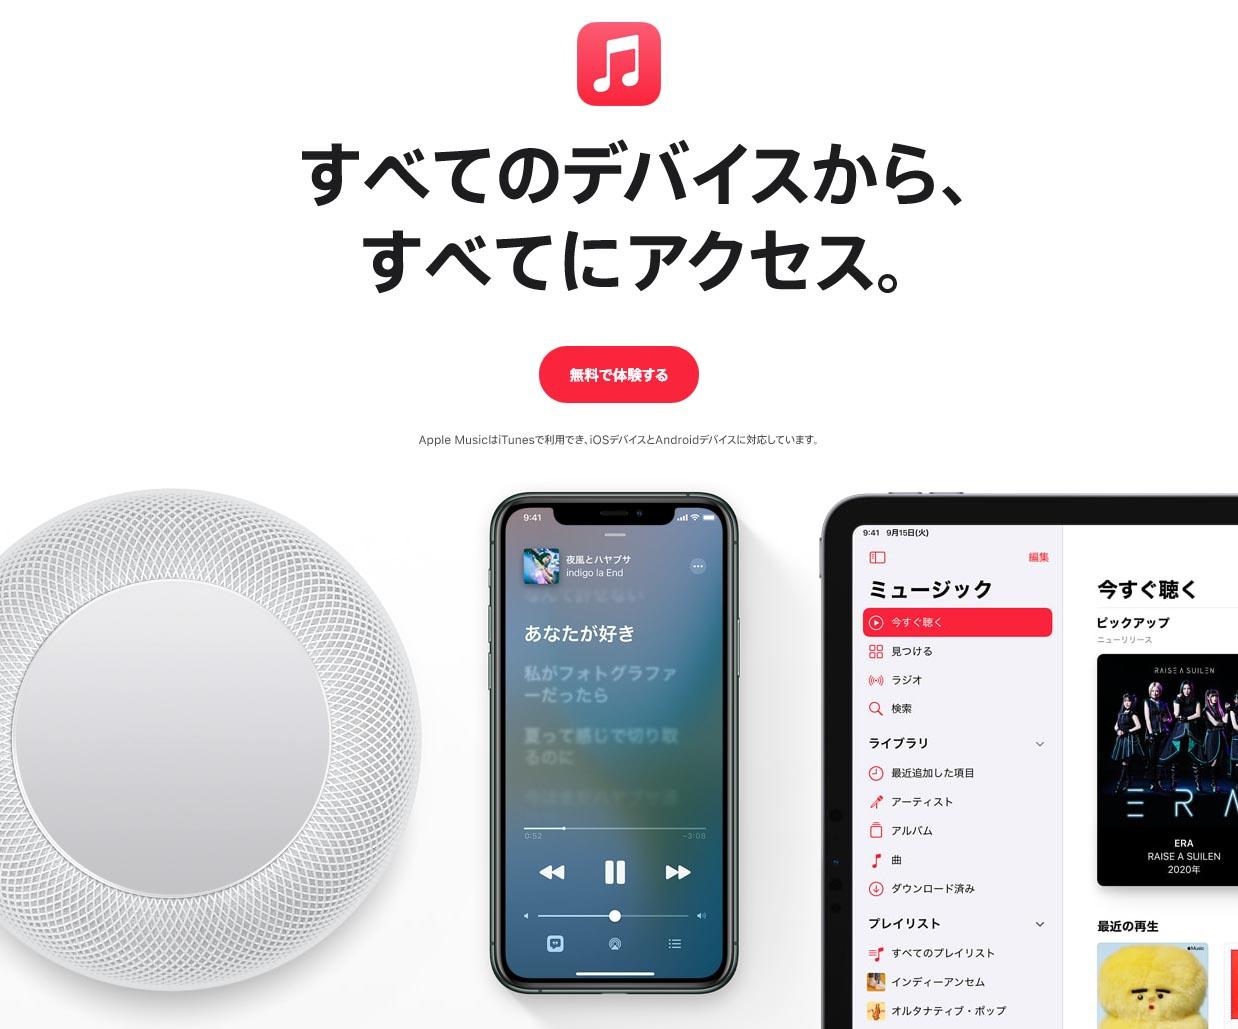 [ITmedia PC USER] Apple Musicがロスレスオーディオに対応 Dolby Atmosも利用可能に